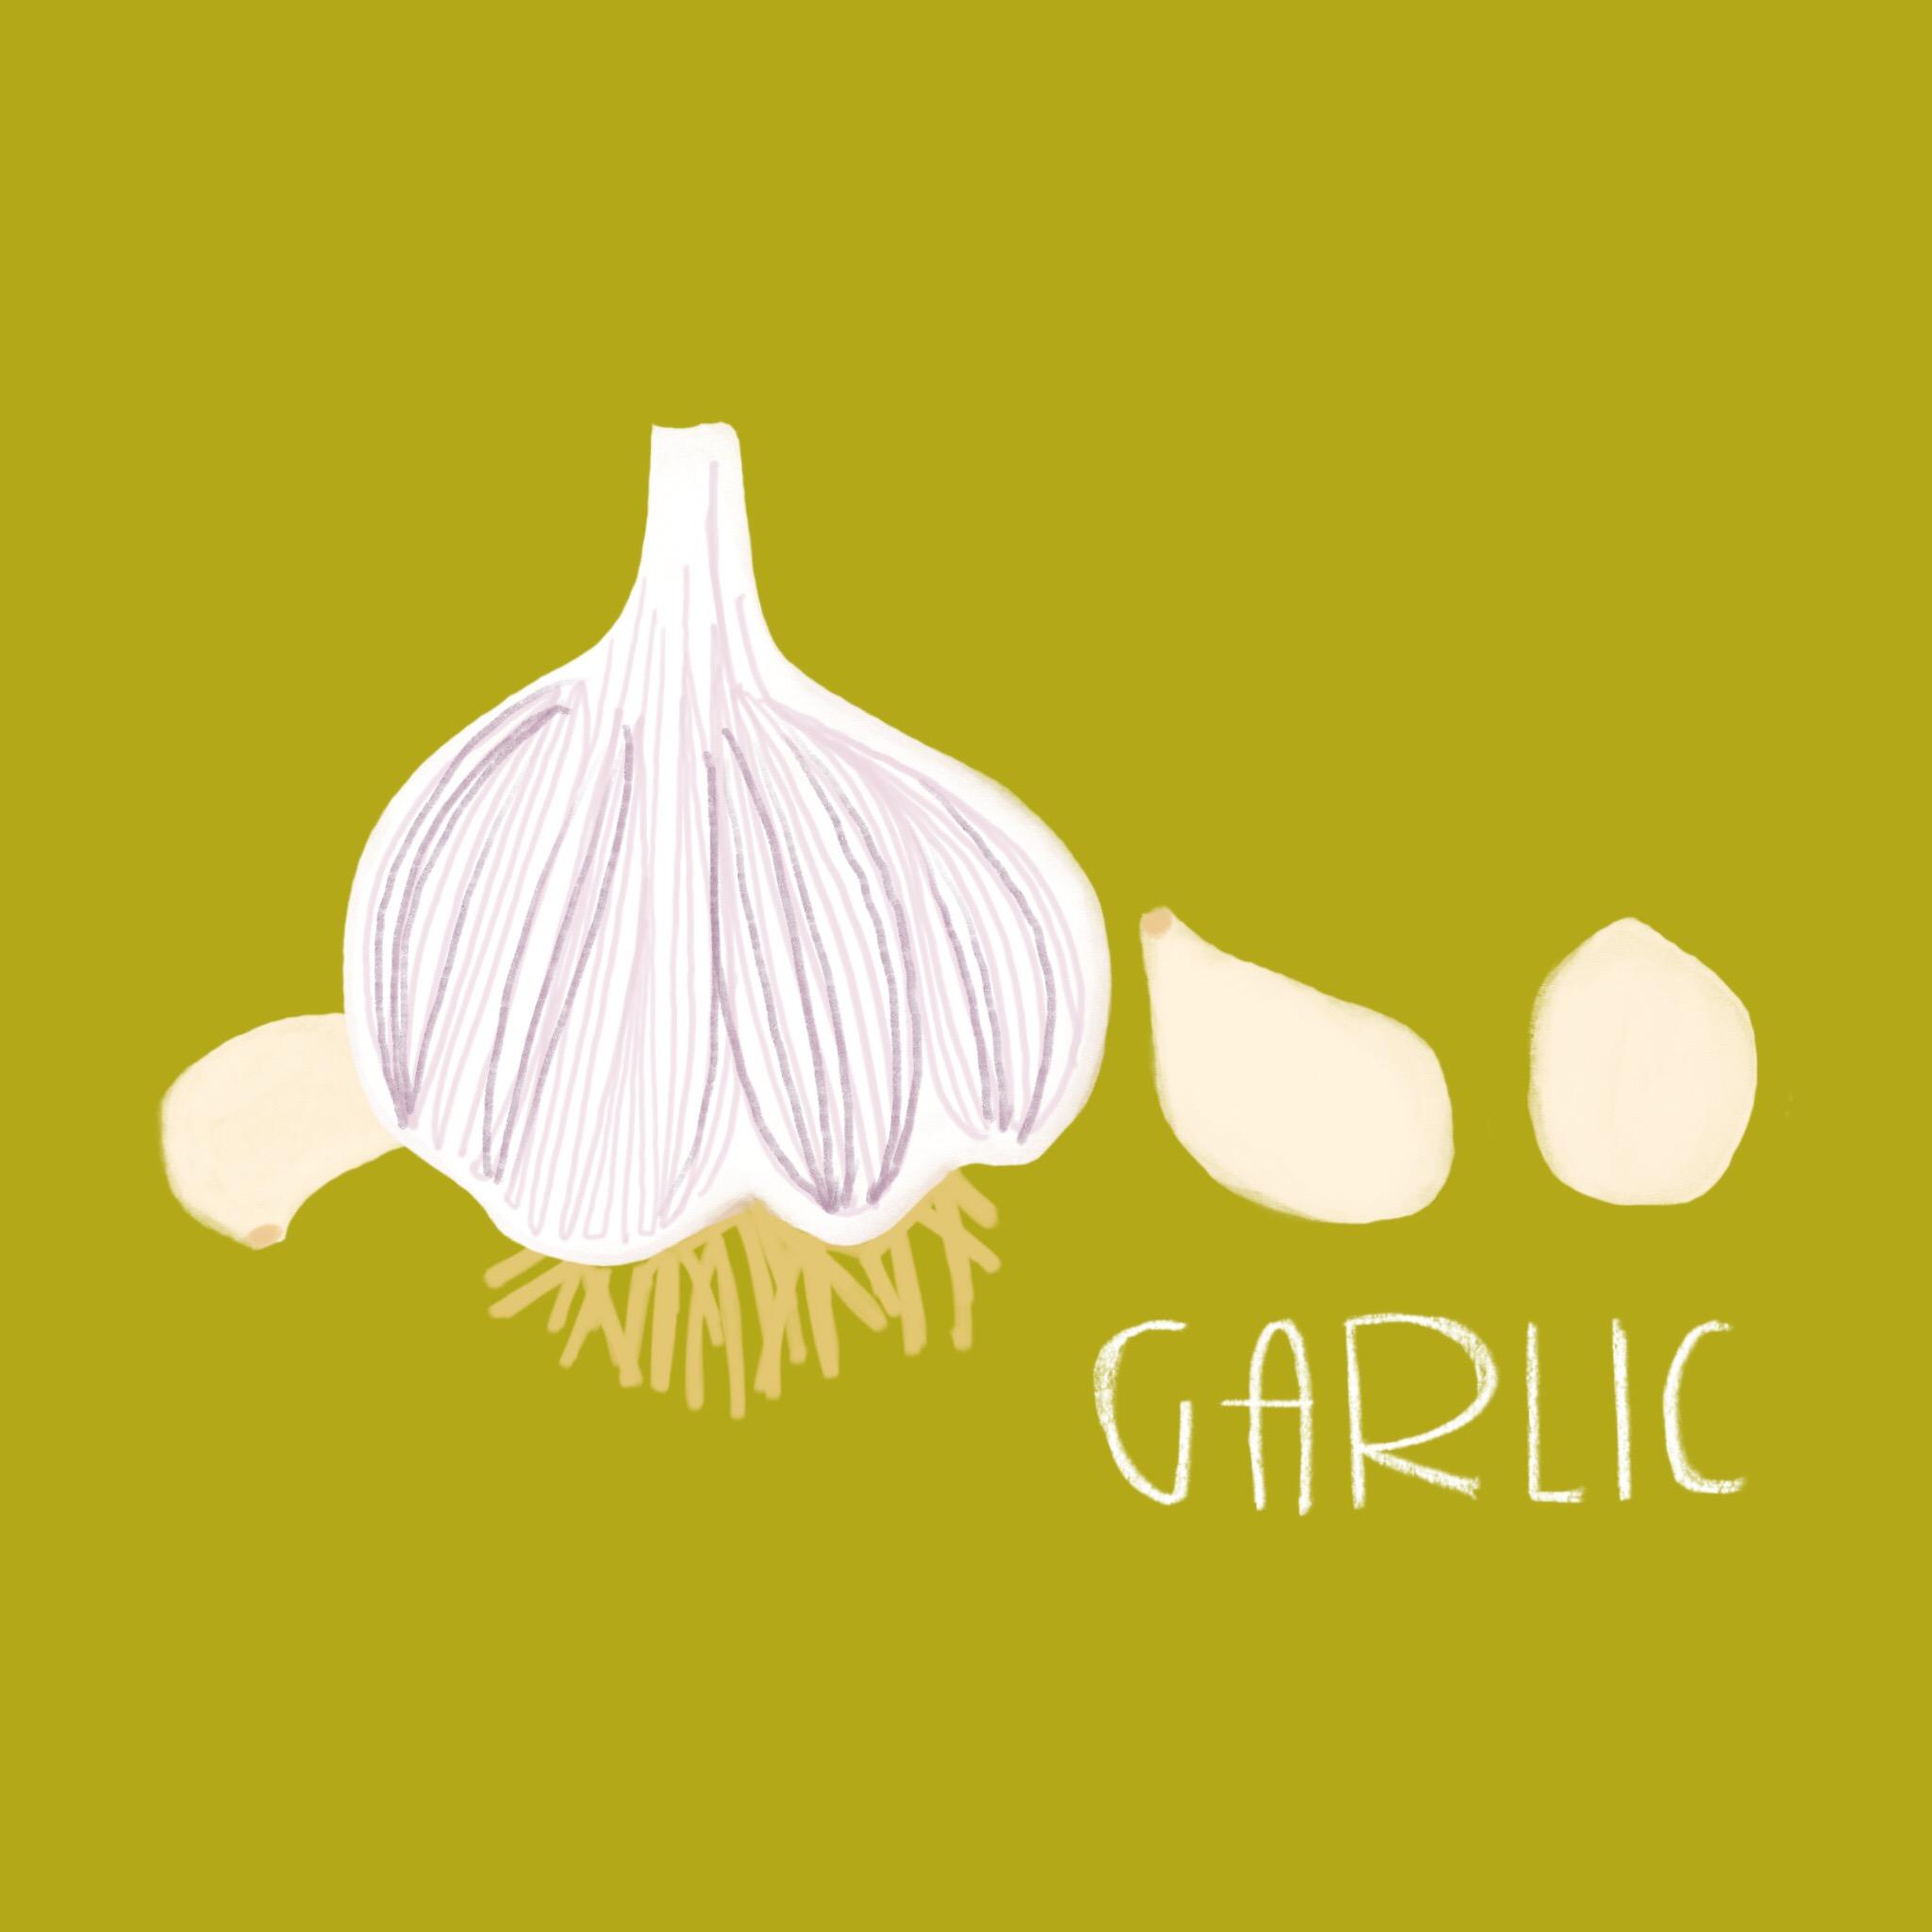 41_-_Garlic.jpg